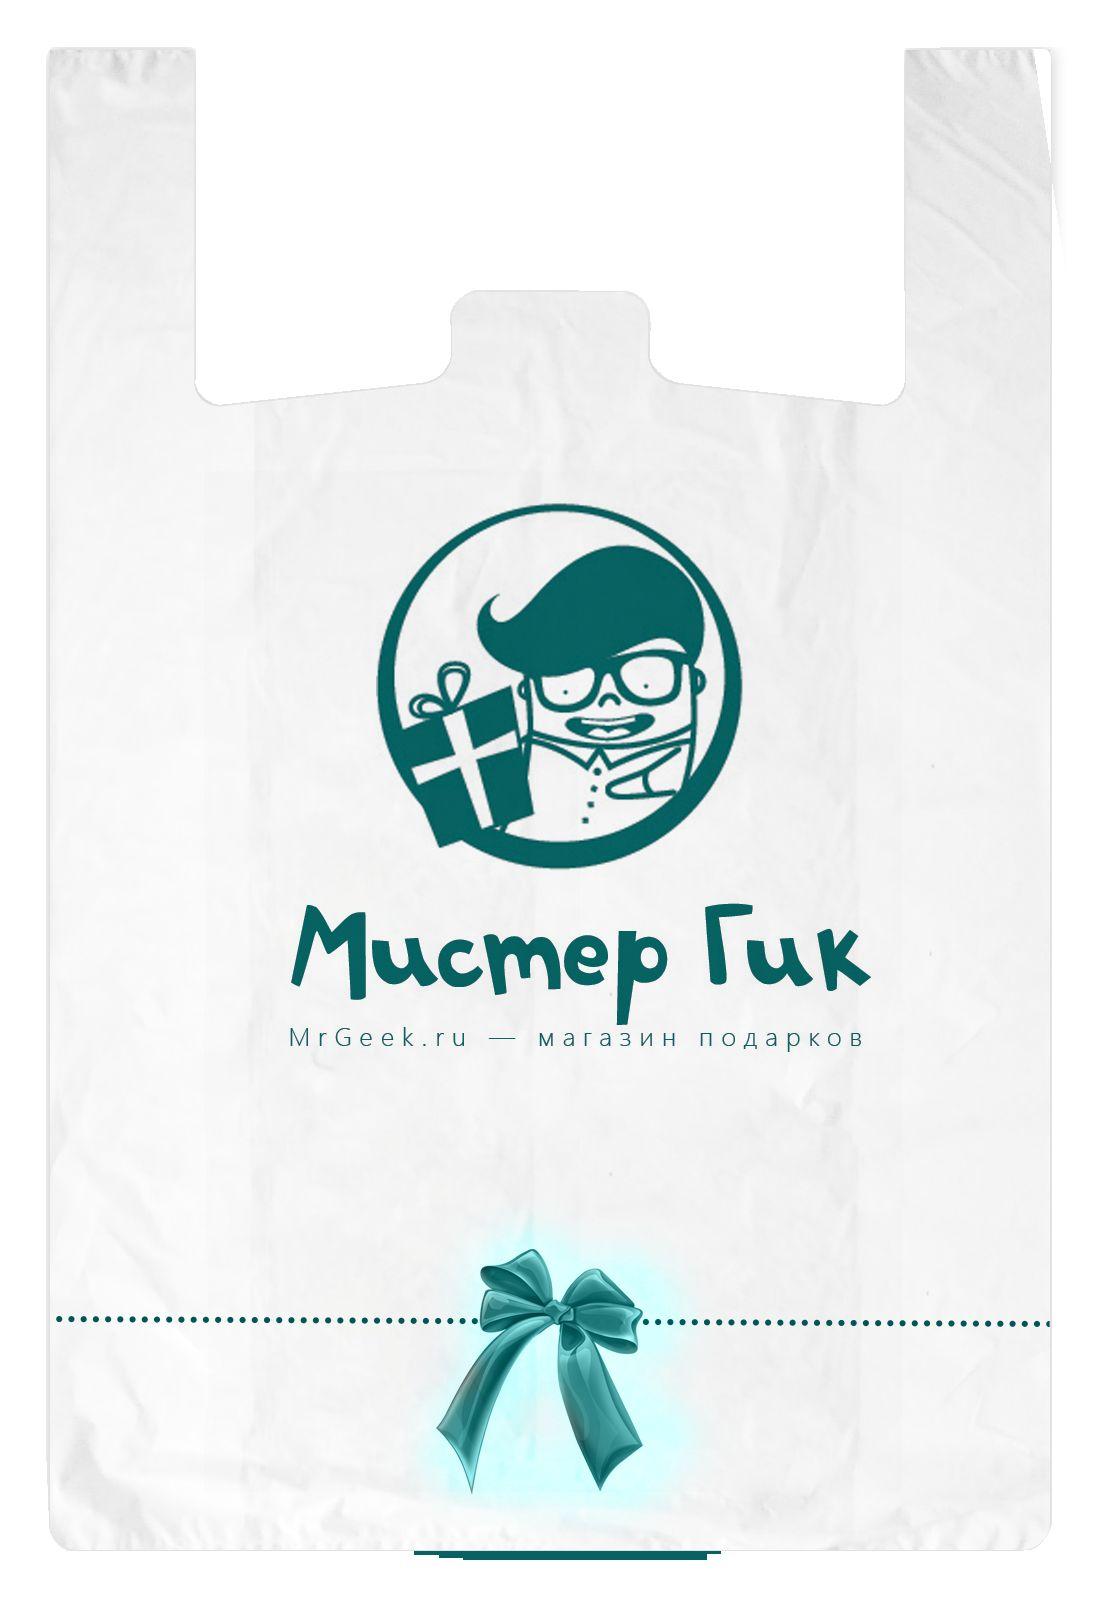 Фирменный стиль для магазина подарков - дизайнер milli-one